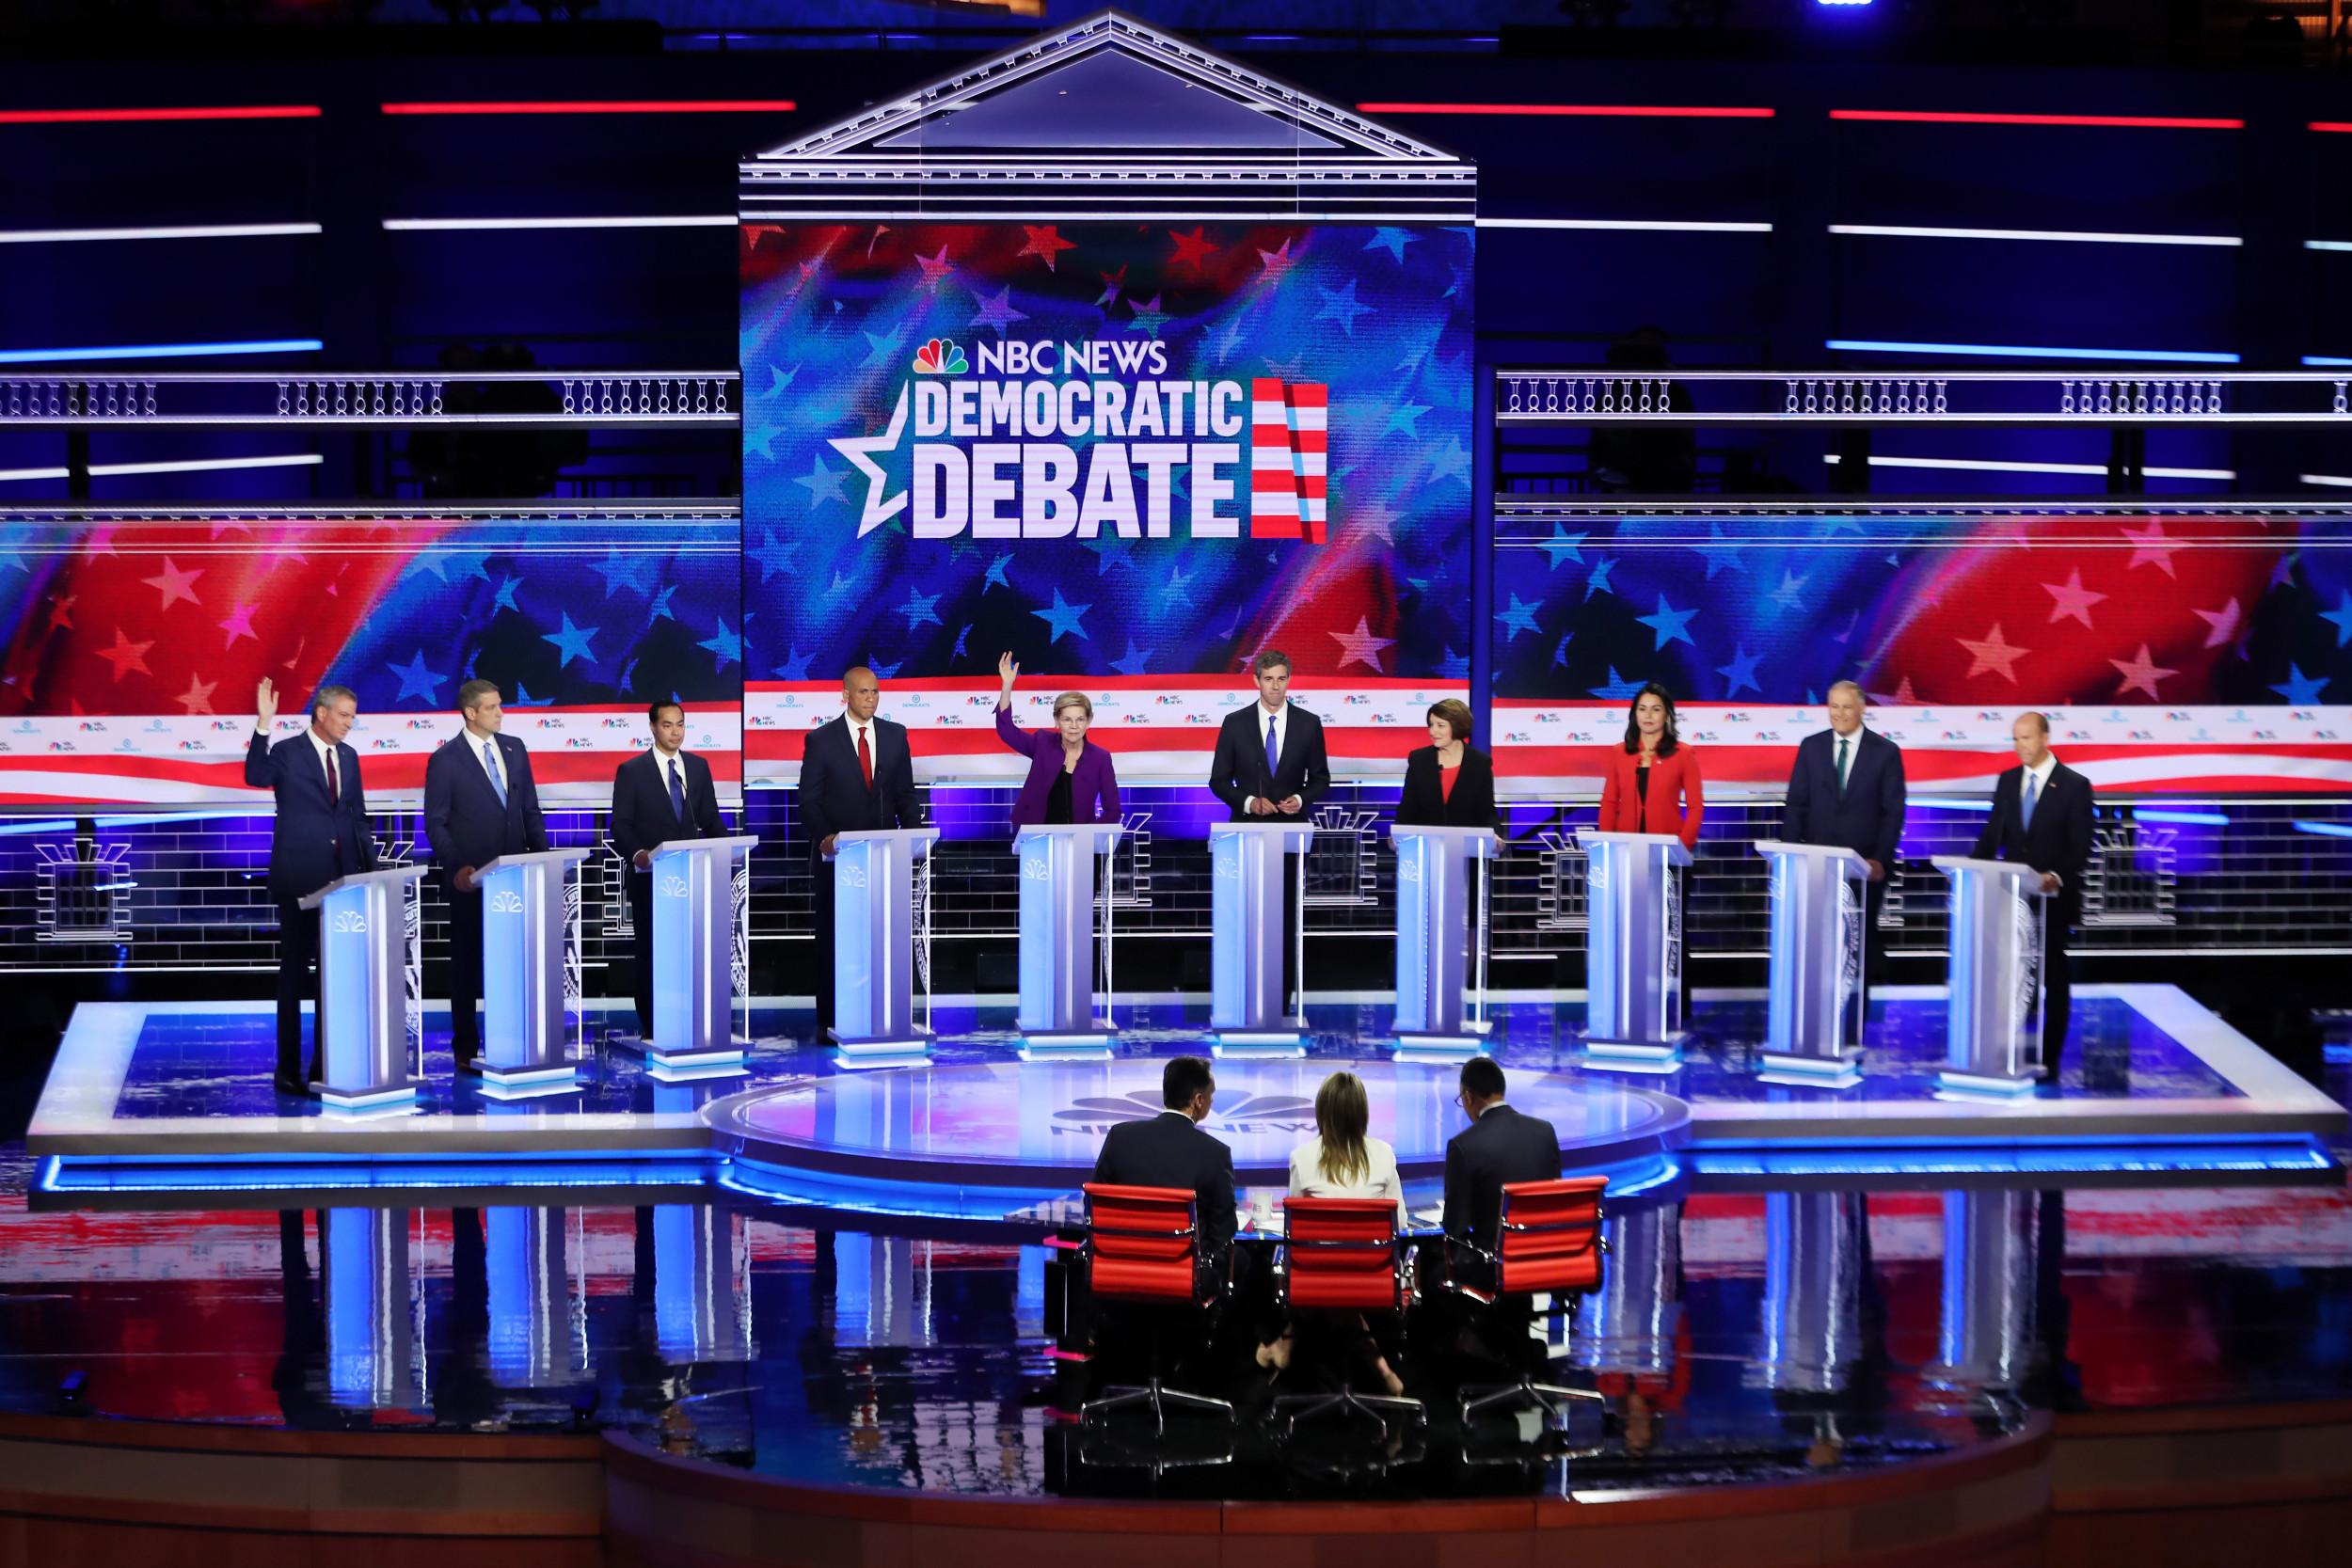 Democratic debate wednesday